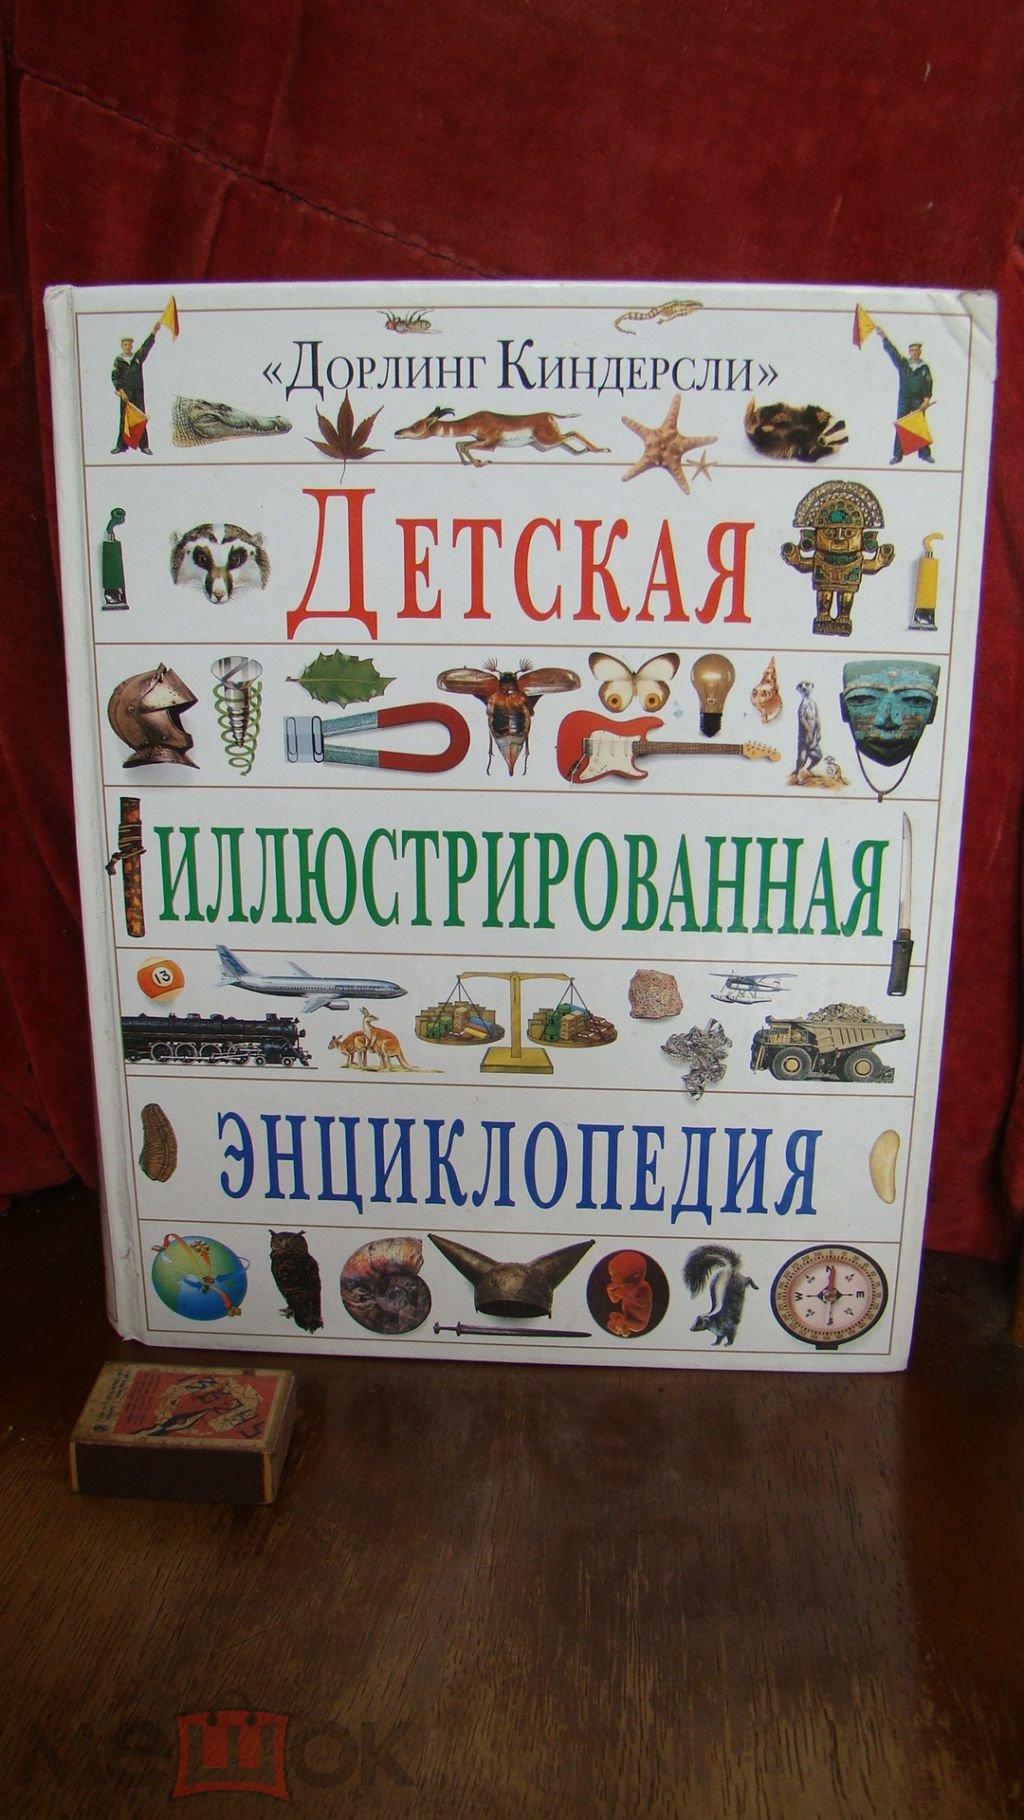 Детская иллюстрированная энциклопедия 1998 г (320)